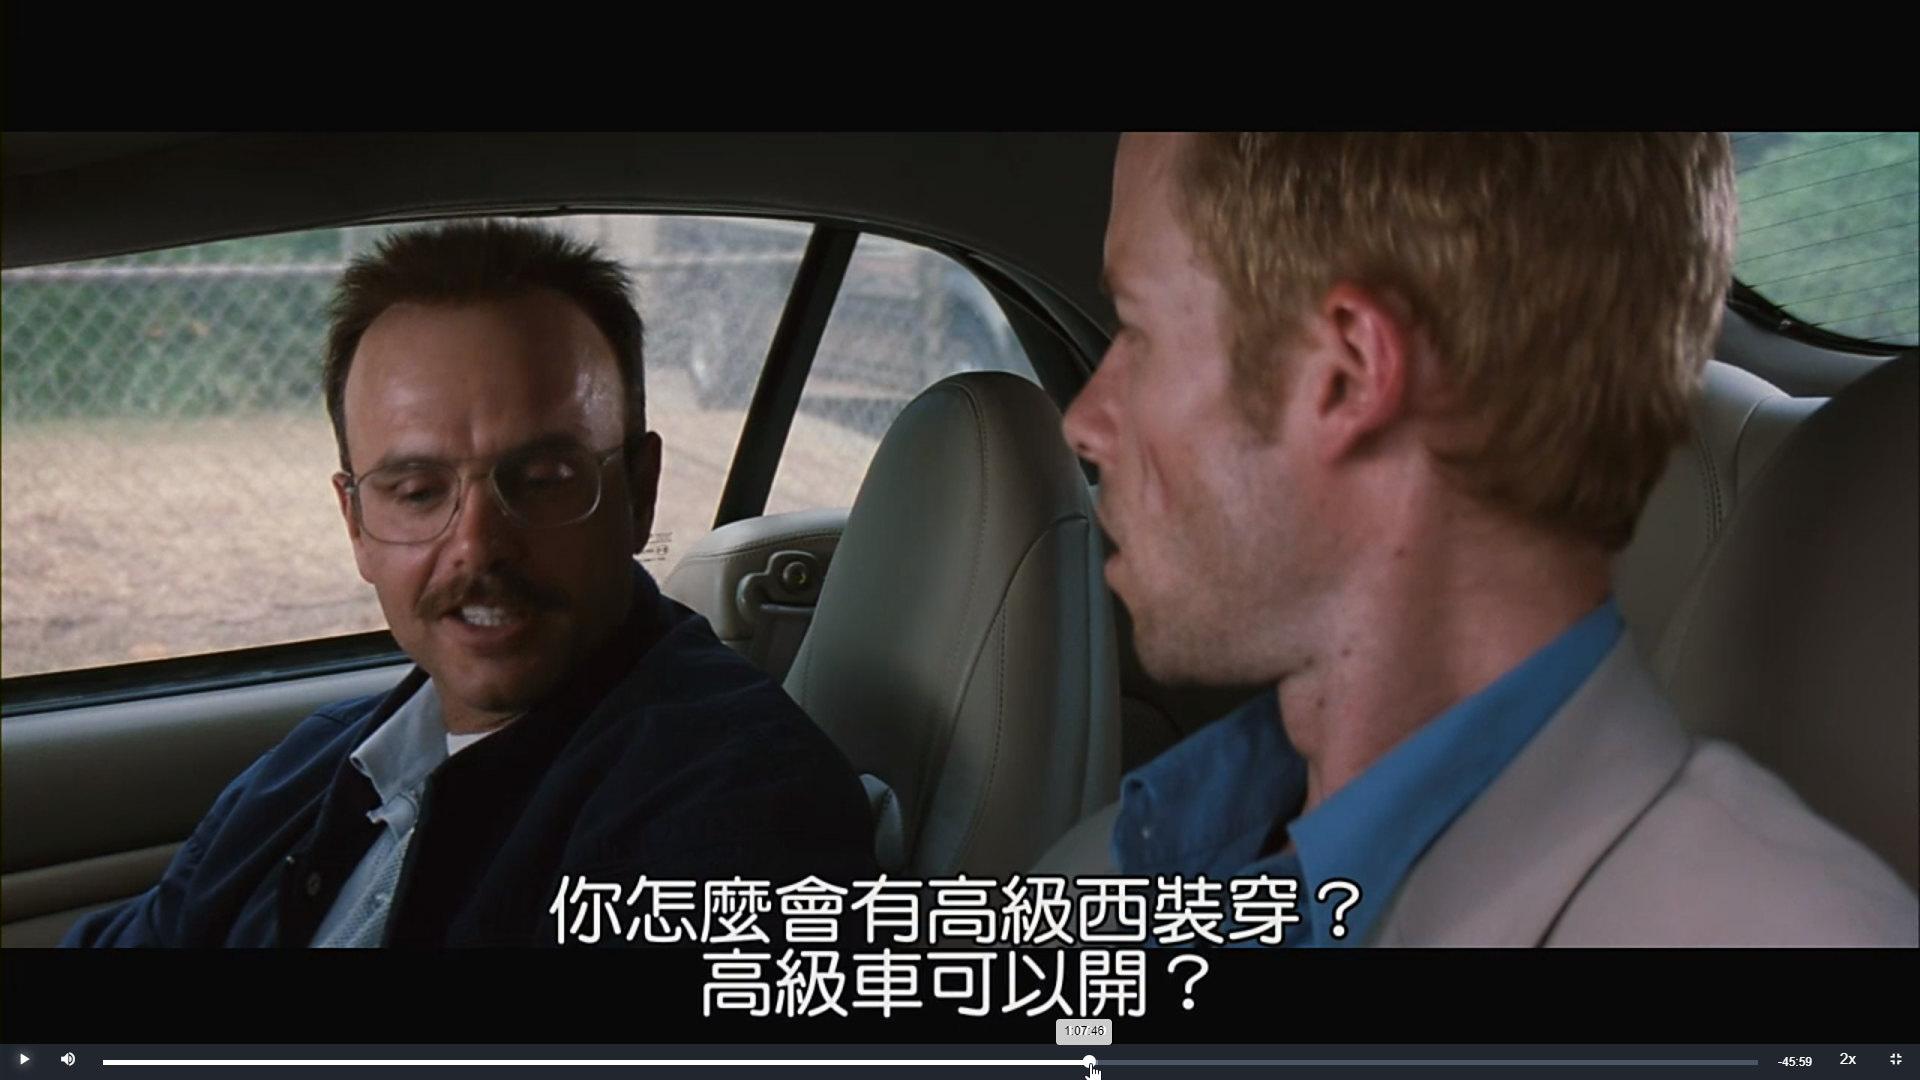 [感想] 電影-記憶拼圖 Memento (2000) 整理順序劇情&爭議討論-103.jpg